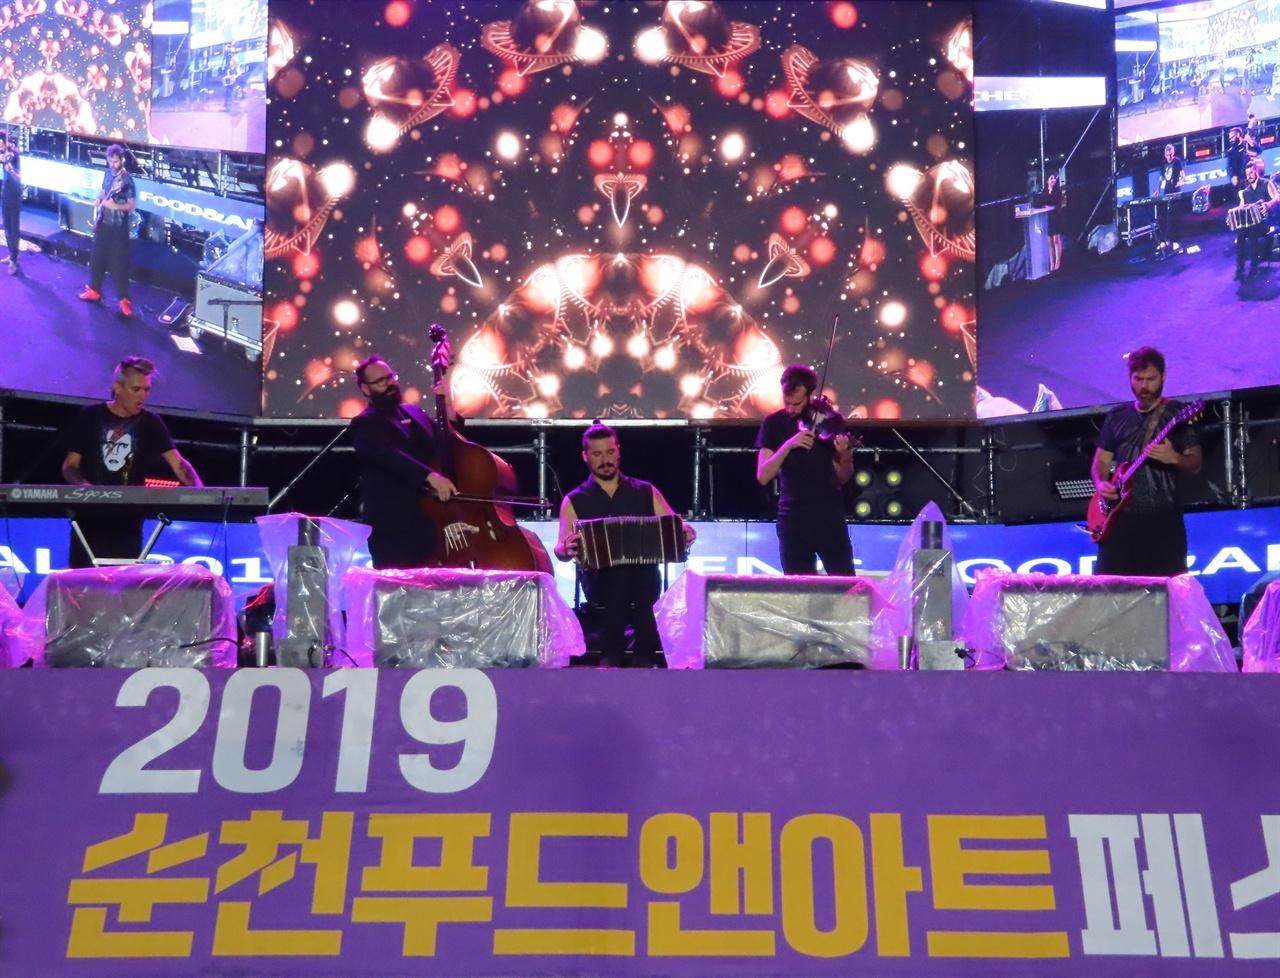 """카치바체의 탱고 연주 27일에 개막한 2019 순천푸드앤아트페스티벌에서 세계적인 탱고 연주자 """"엘 카치바체 퀸텐토"""" 밴드가 공연하고 있다,"""